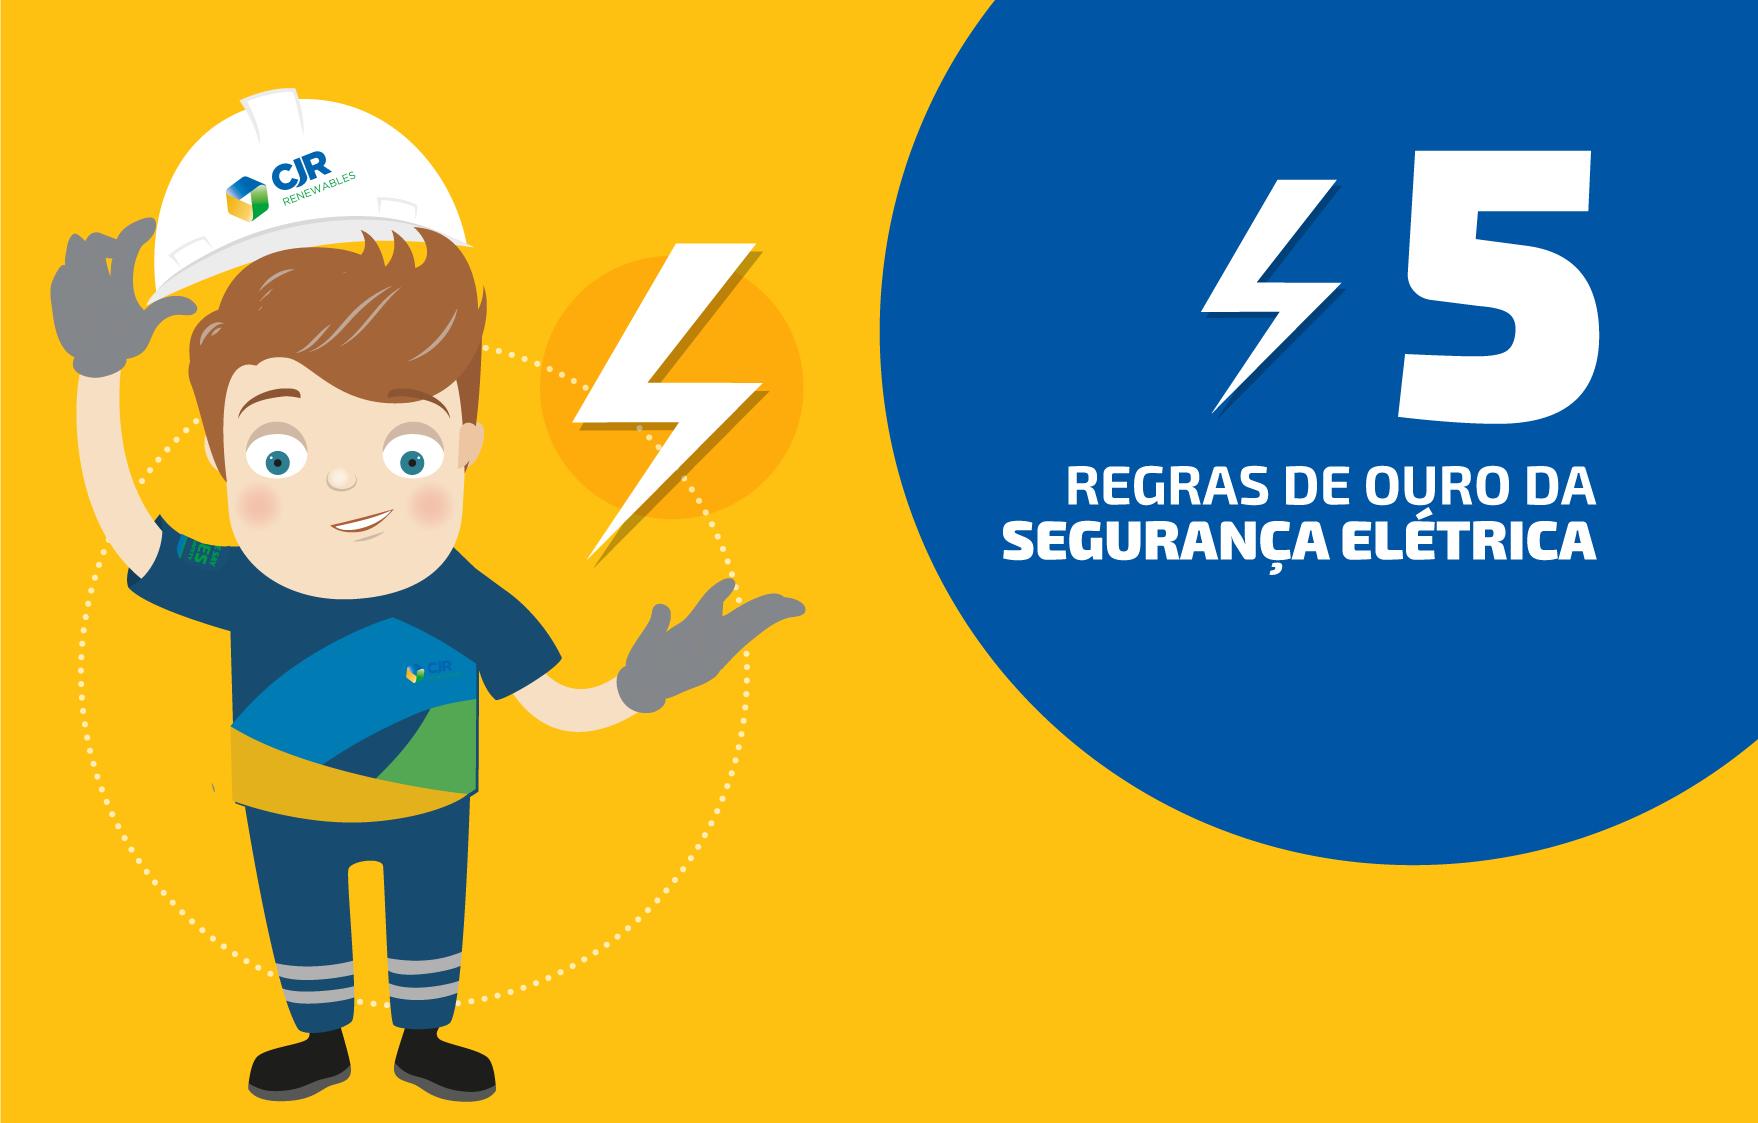 5 Regras de Ouro da Segurança Elétrica 2